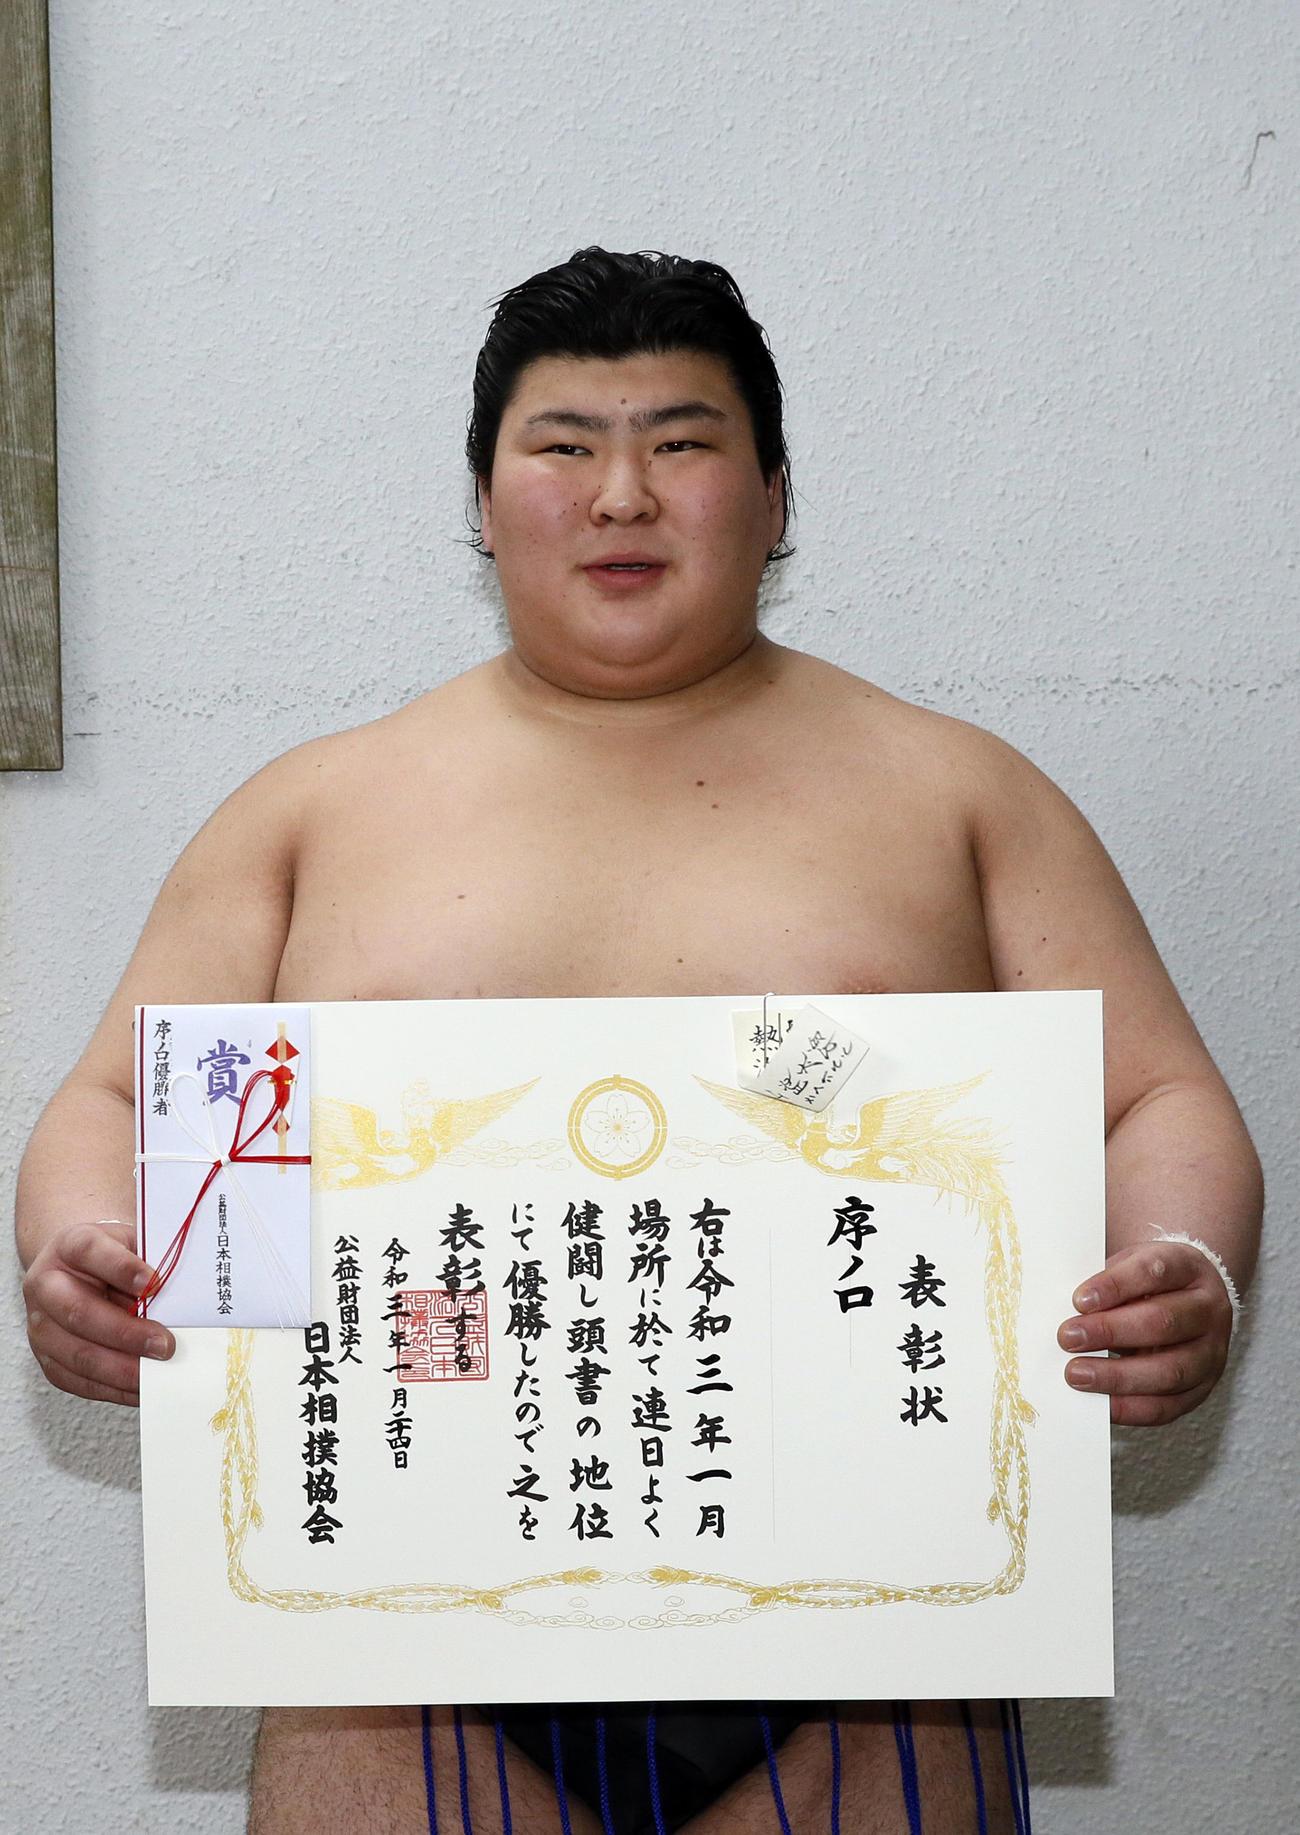 序ノ口優勝の熱海富士(代表撮影)